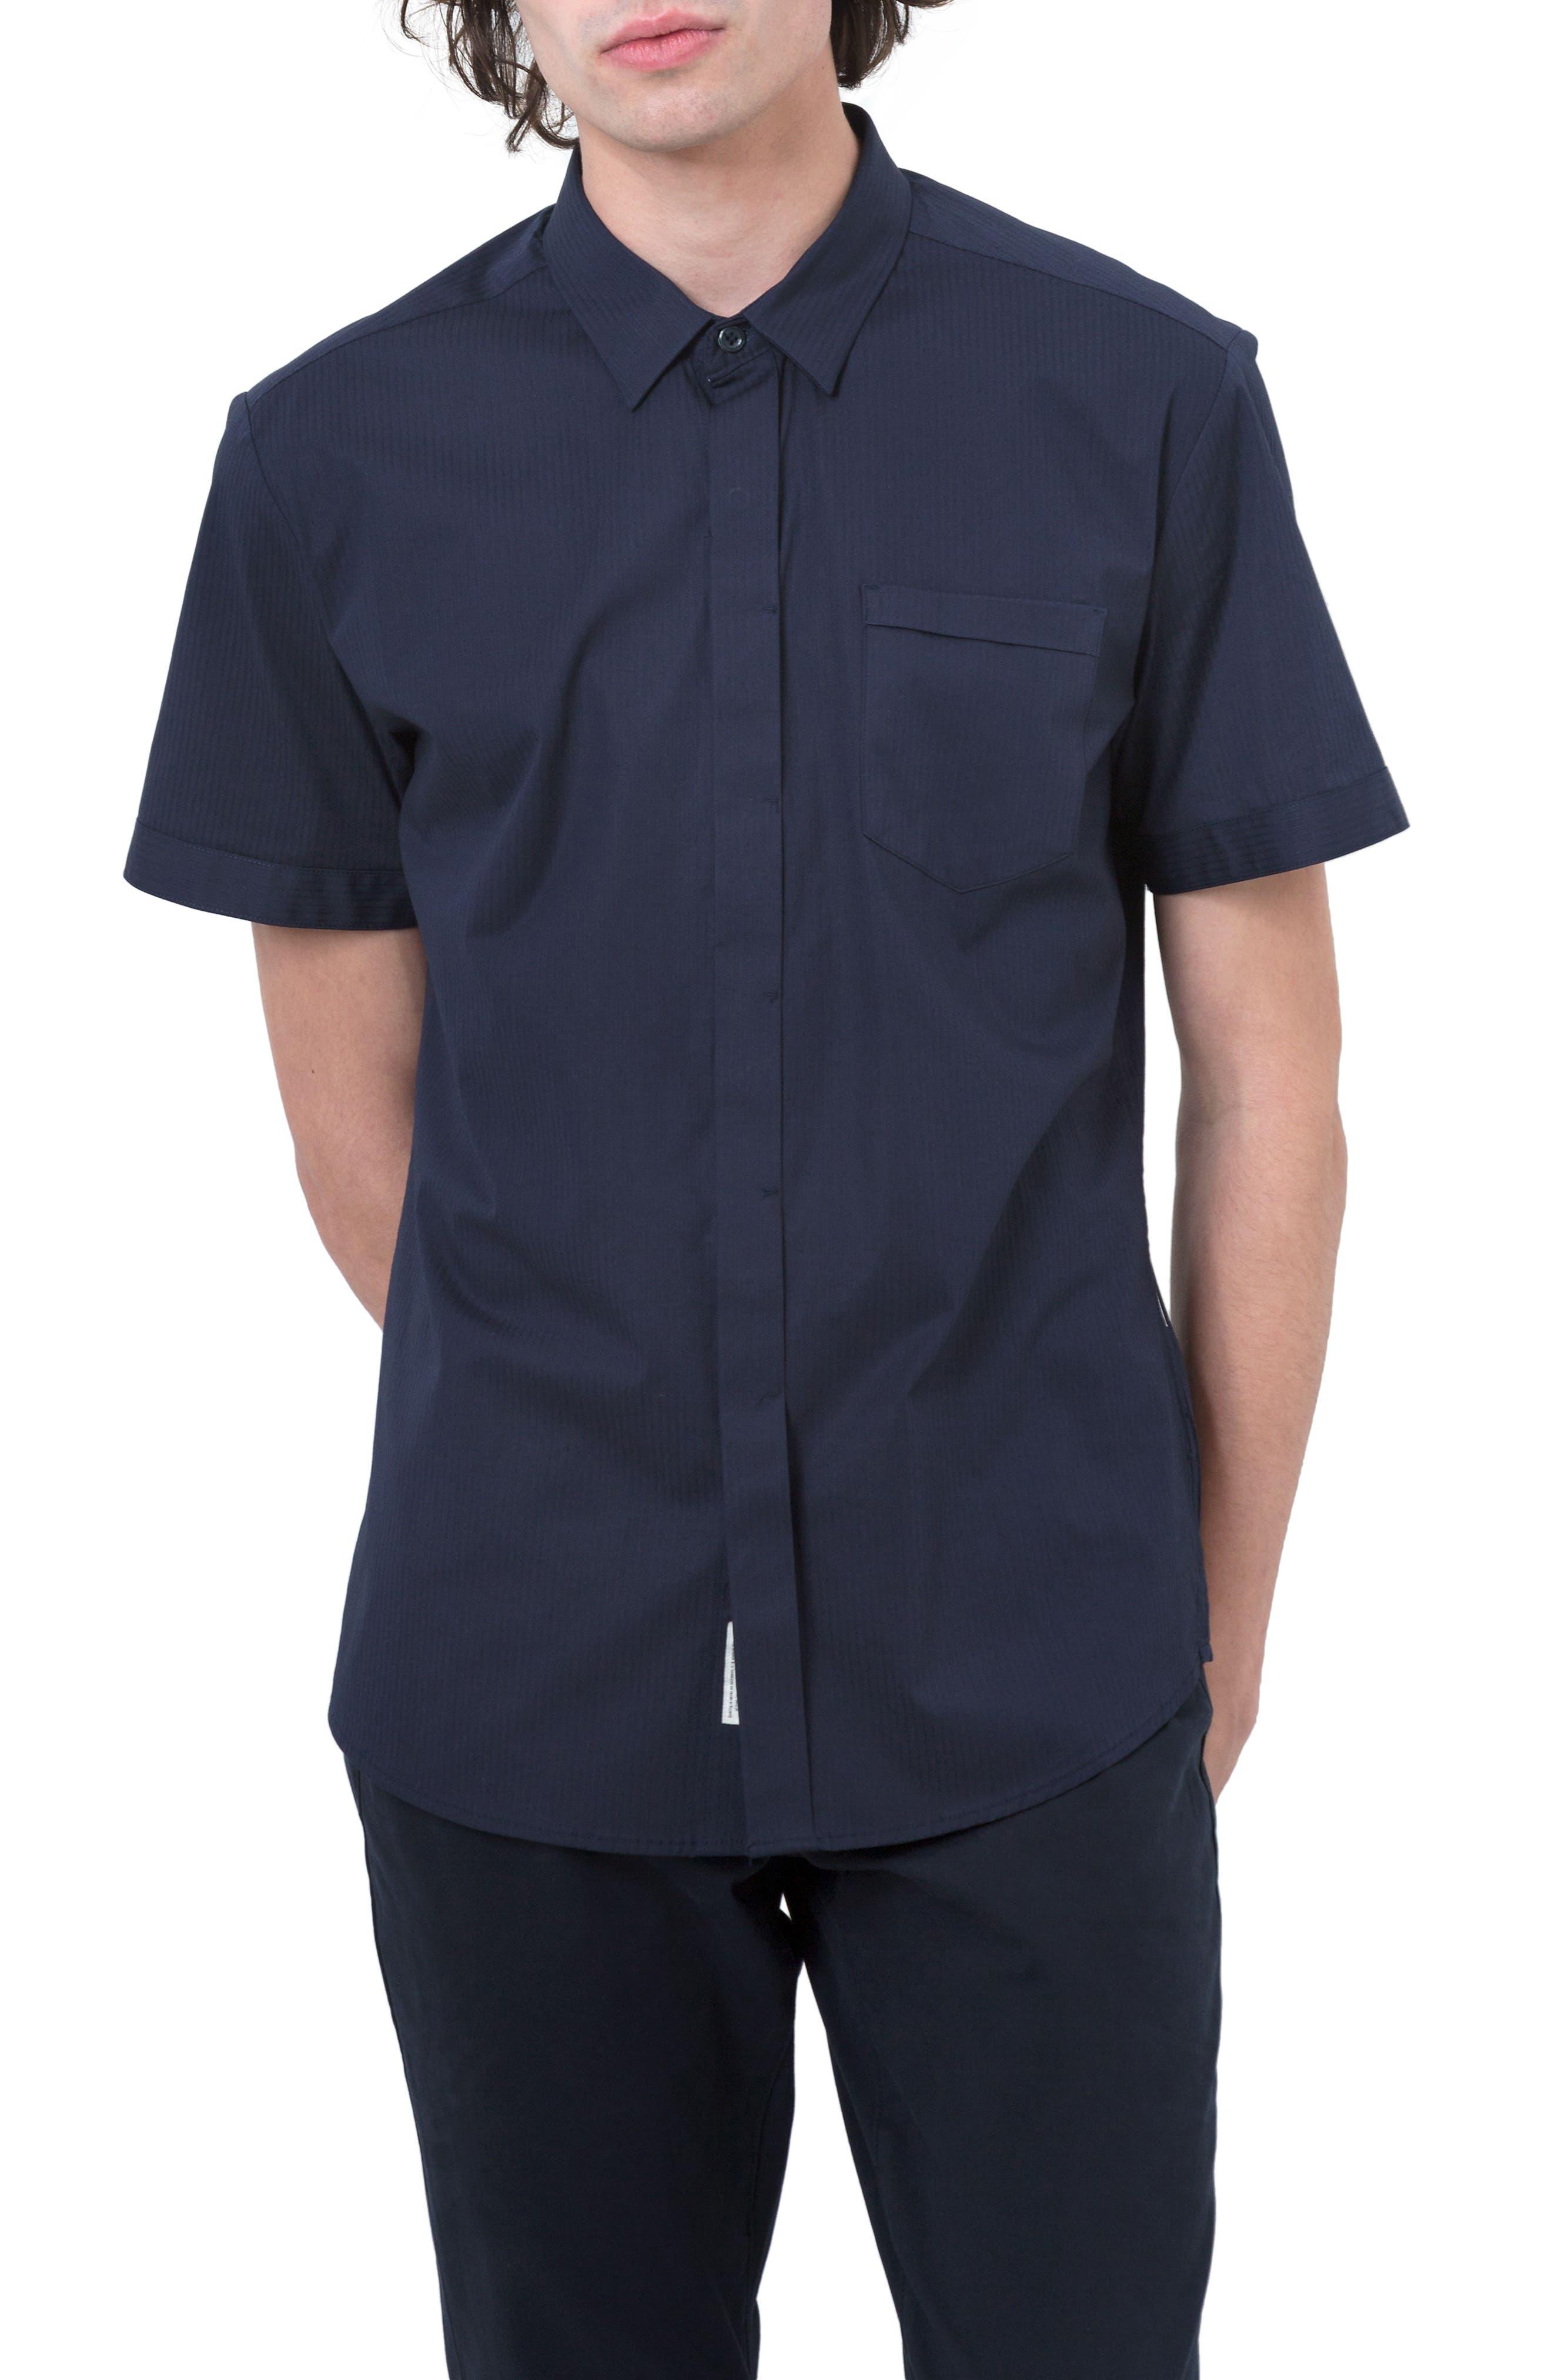 City Savior Woven Shirt,                             Main thumbnail 1, color,                             Navy